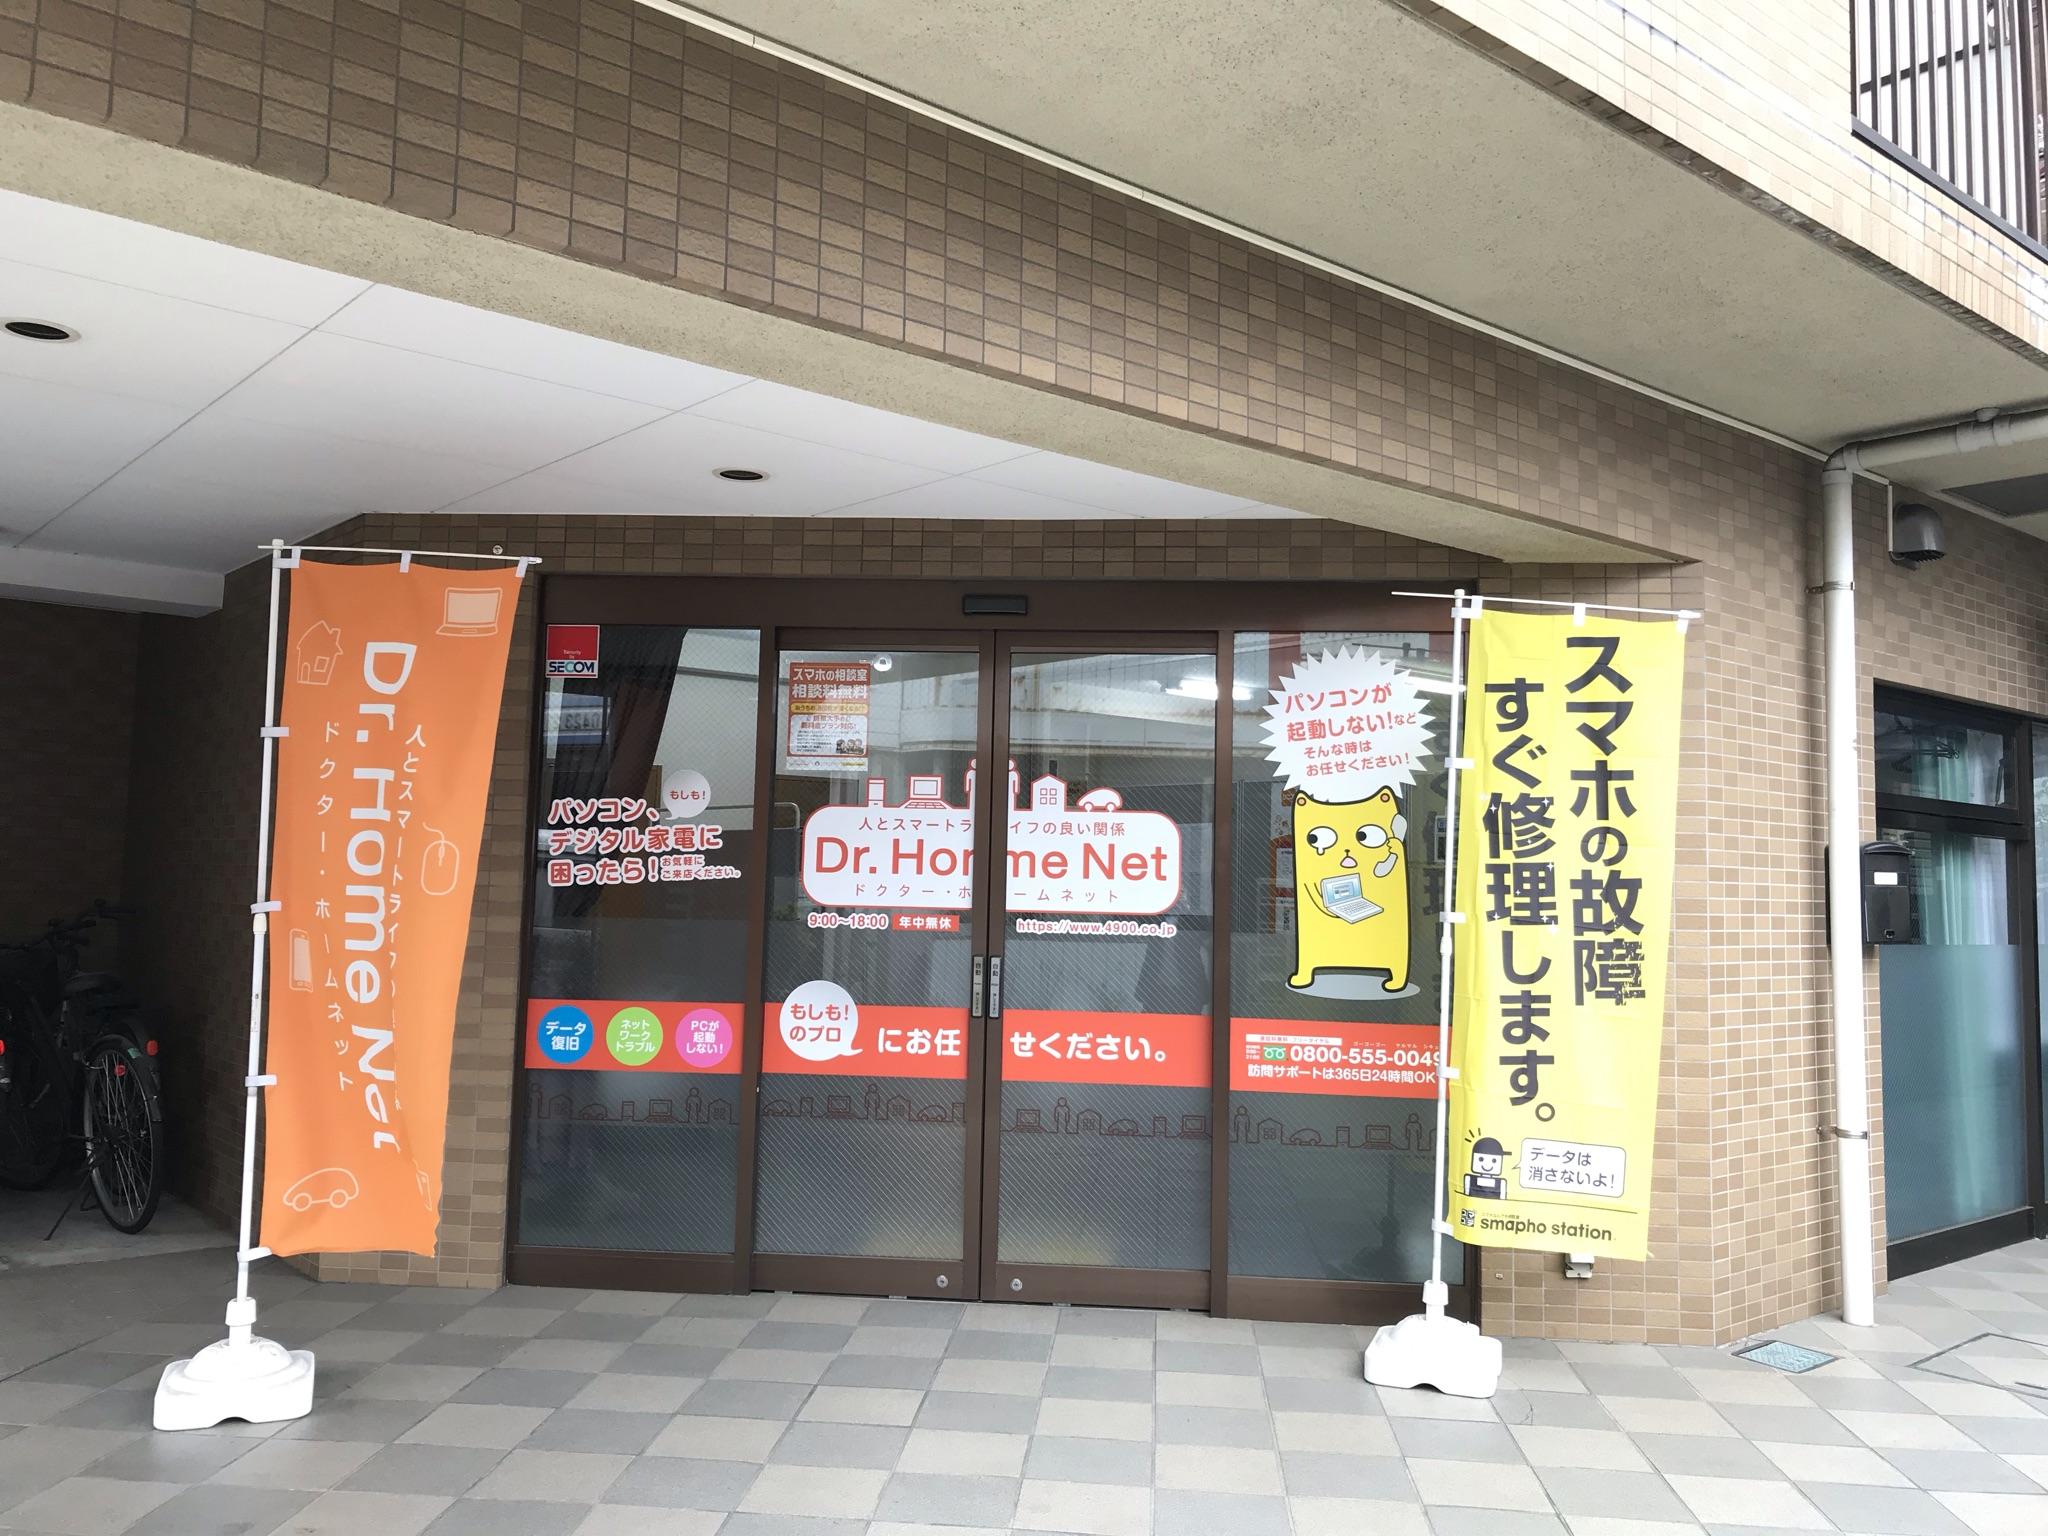 スマホステーション東京国分寺店